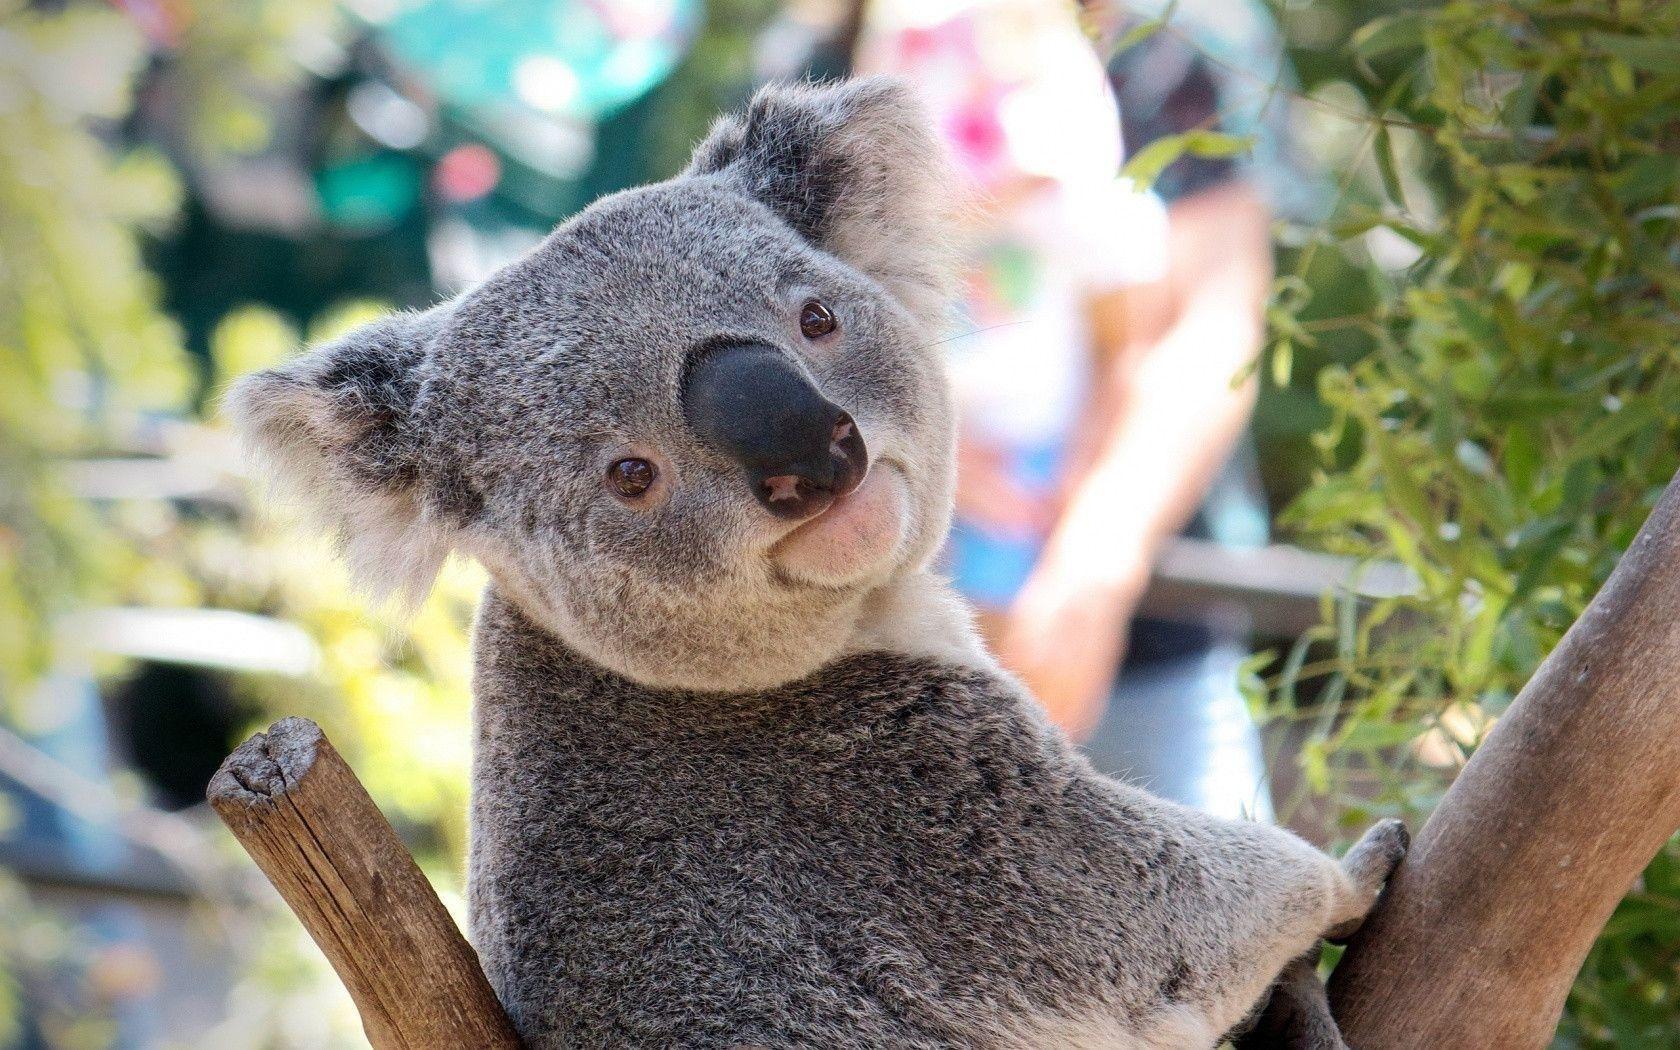 Koala Hd Wallpapers And Backgrounds 3 Http Www Urdunewtrend Com Hd Wallpapers Animal Koala Koala Hd Wallpapers And Bac Australian Animals Koala Bear Koala